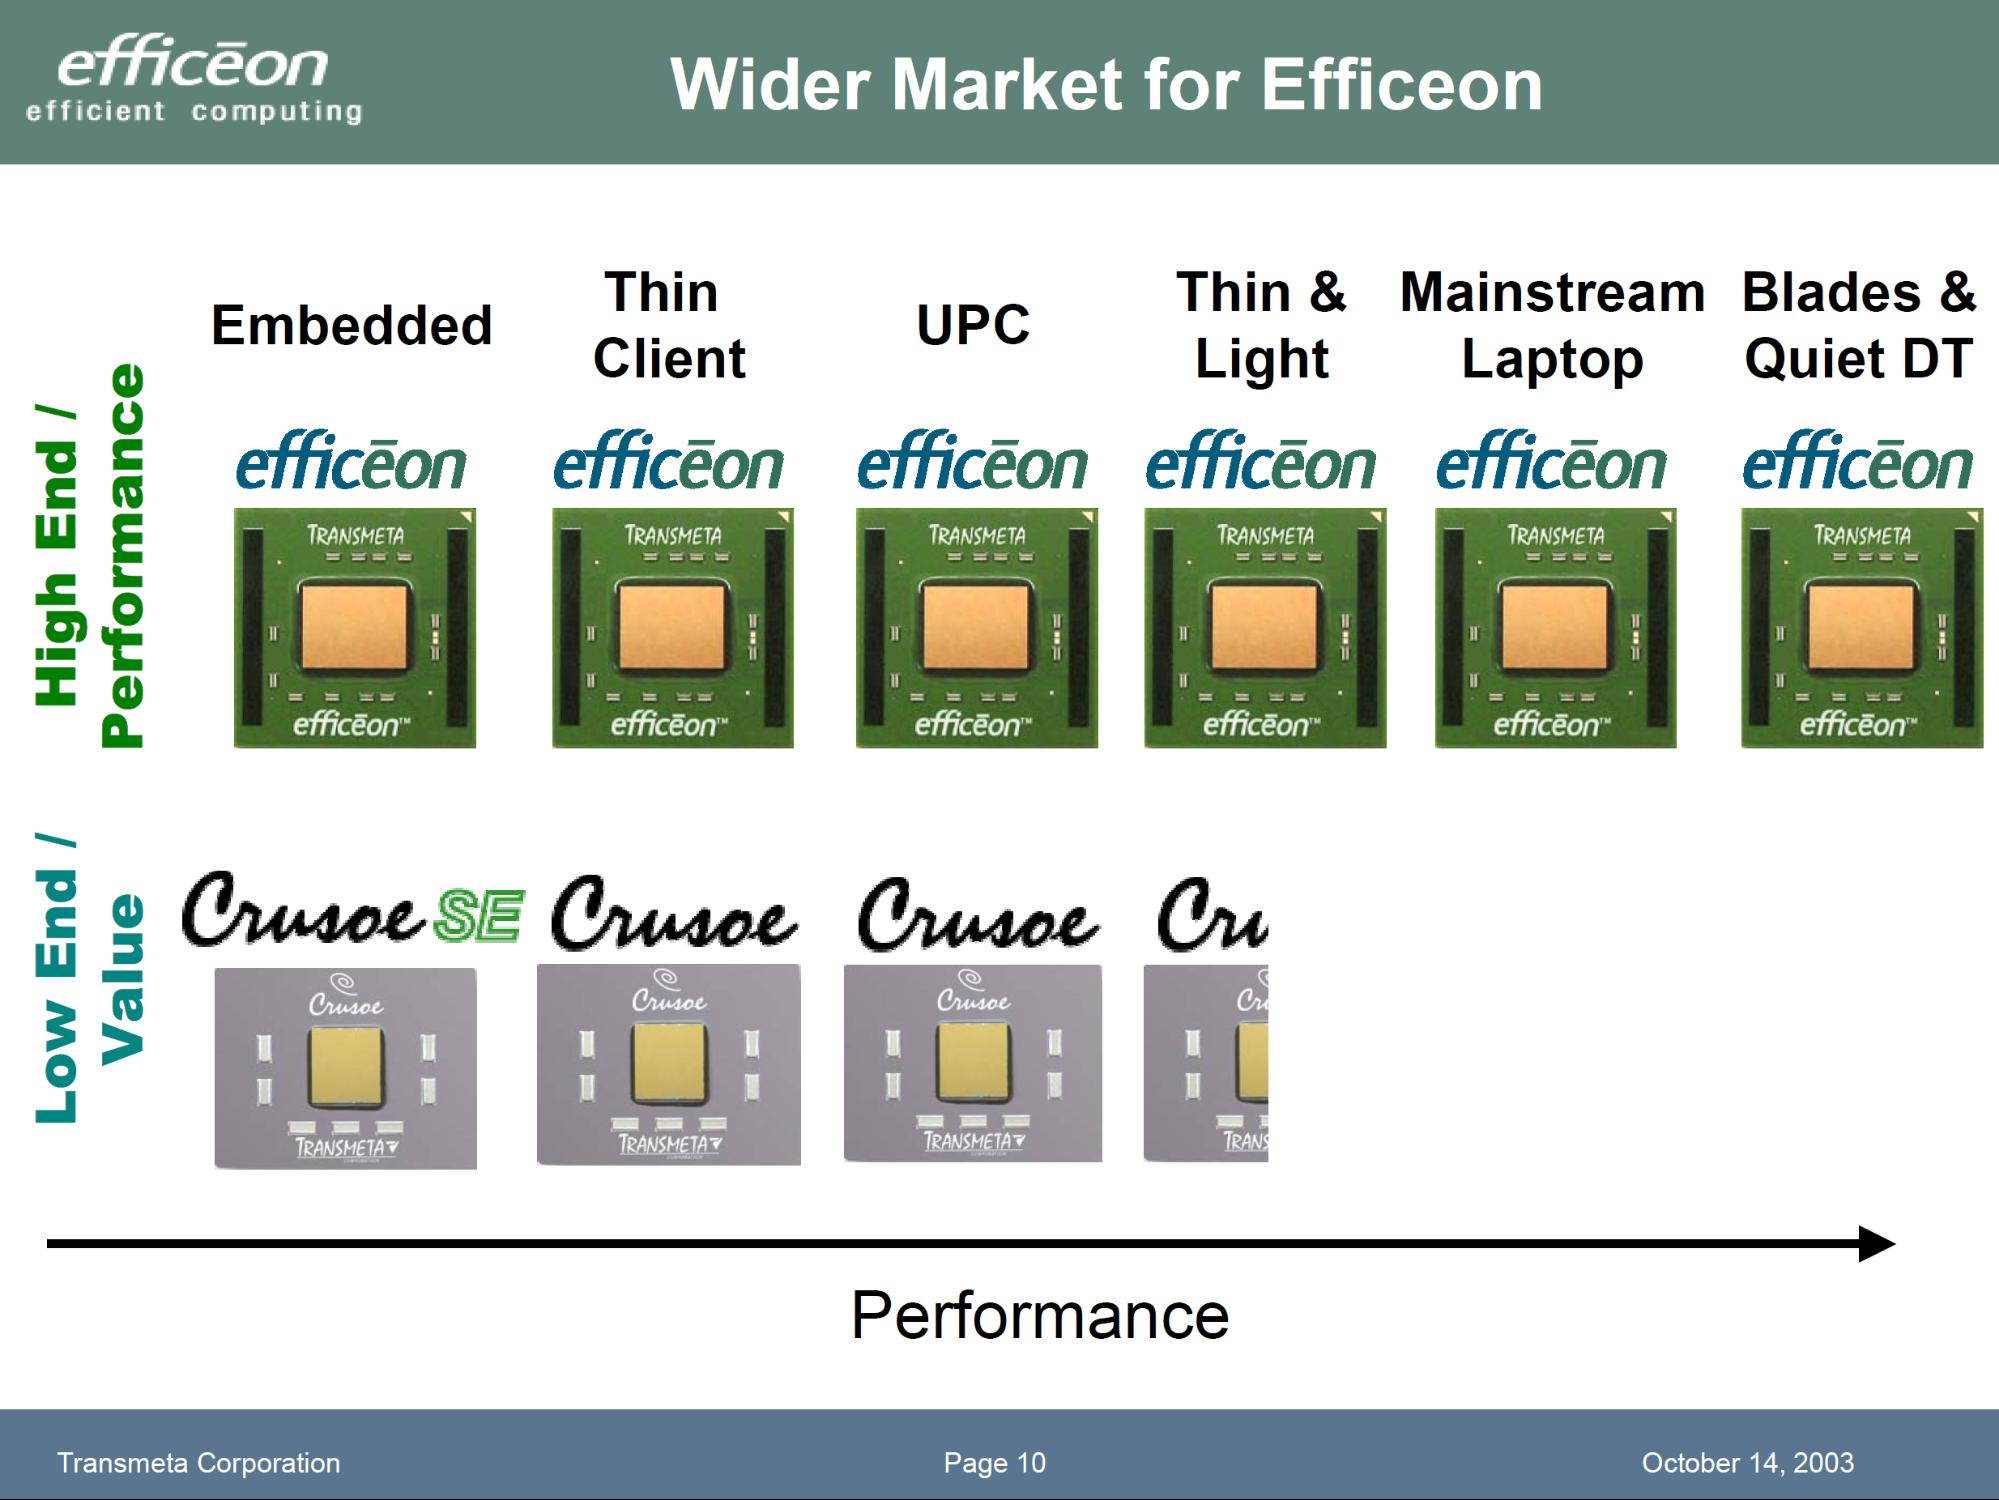 照片中提到了efficeon、Wider Market for Efficeon、efficient computing,包含了汕頭、汕頭、產品設計、產品、山推工程機械股份有限公司